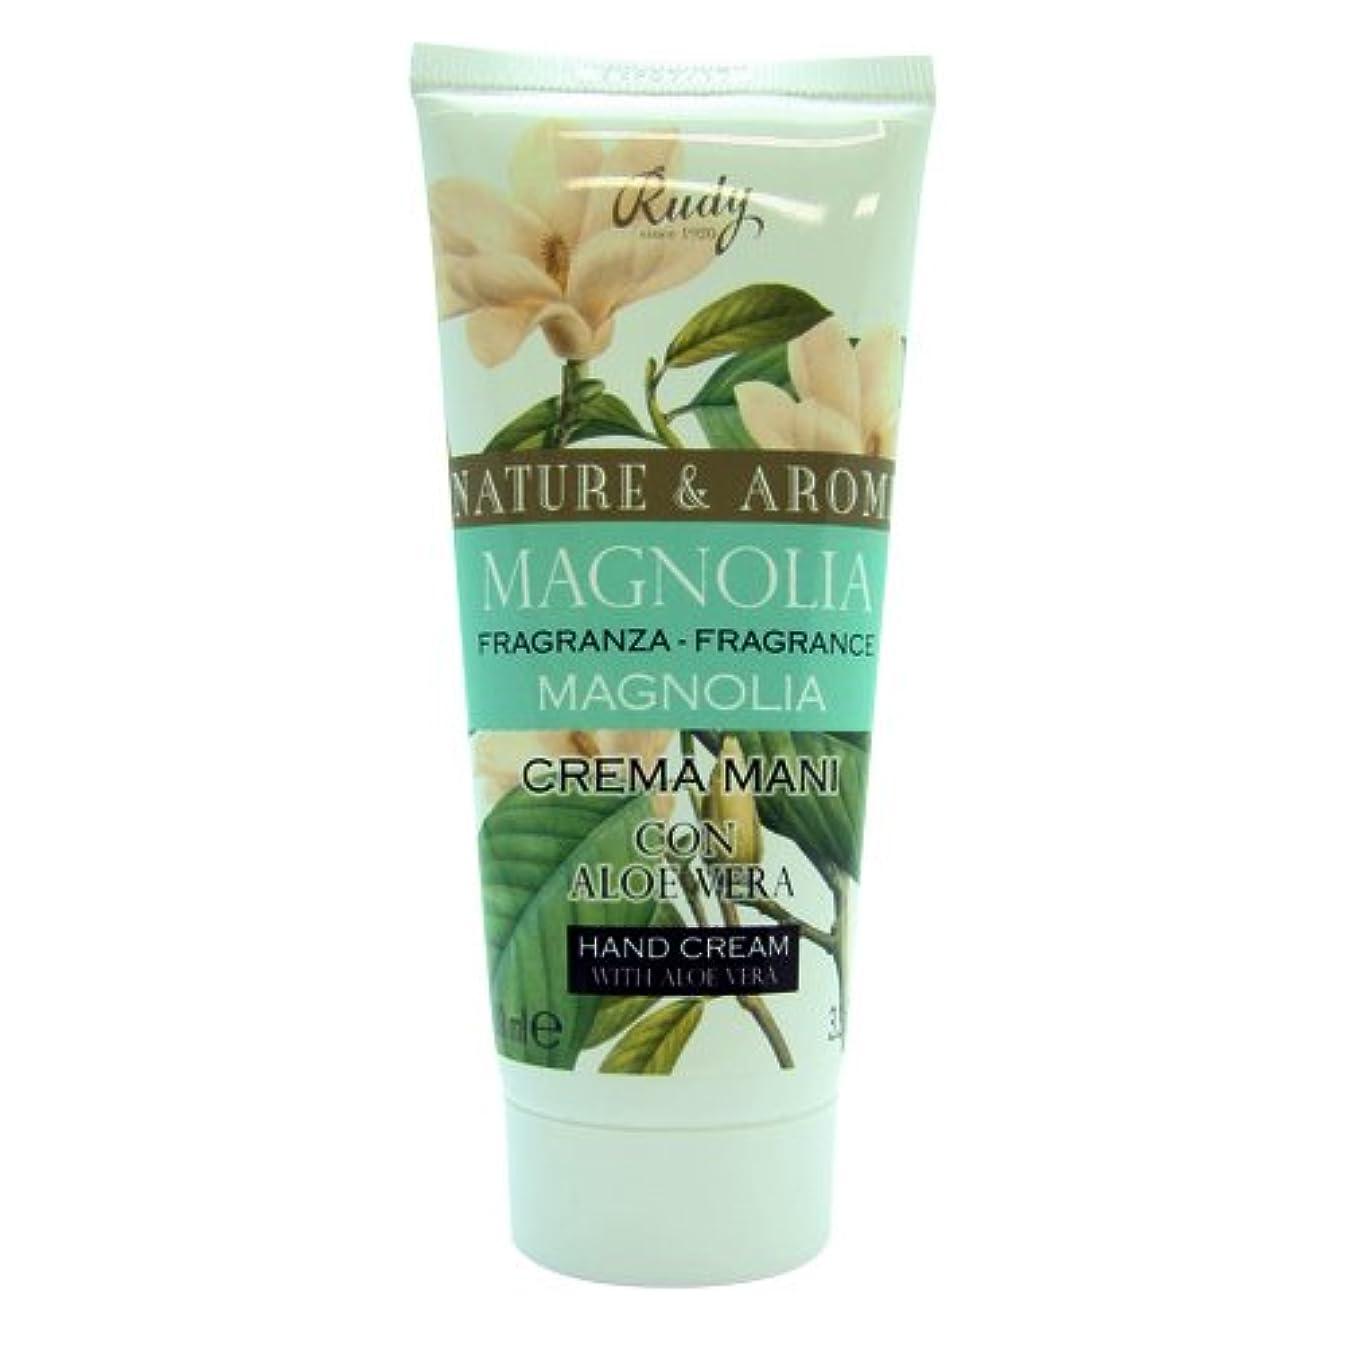 マトン技術者人類RUDY Nature&Arome SERIES ルディ ナチュール&アロマ Hand Cream ハンドクリーム  Magnolia マグノリア